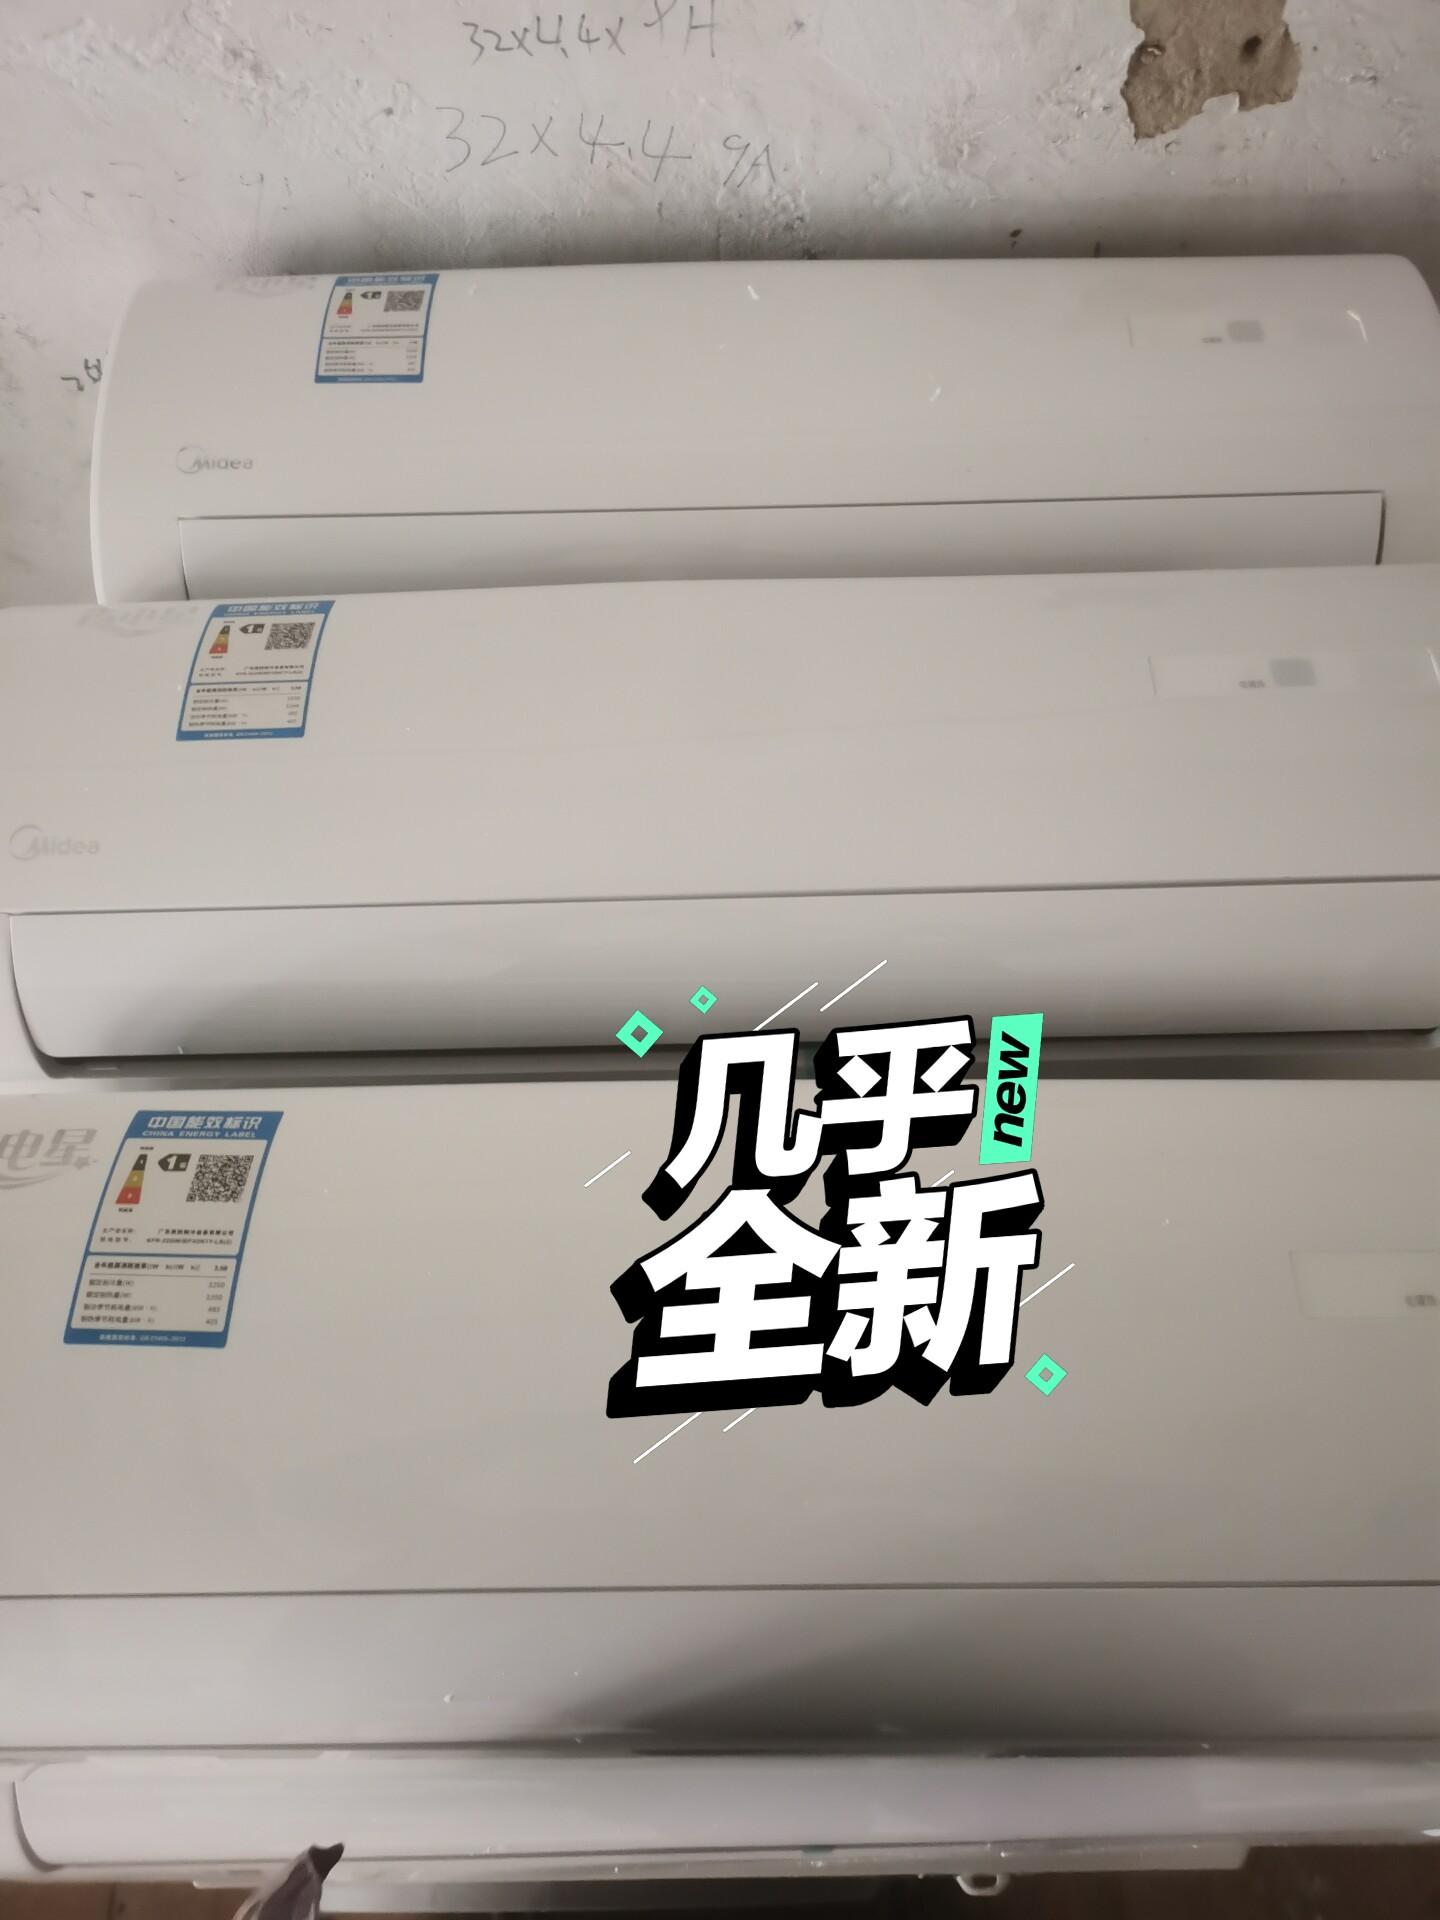 美的1.5变频冷暖空调,99新,郑州市送货安装1300,标价